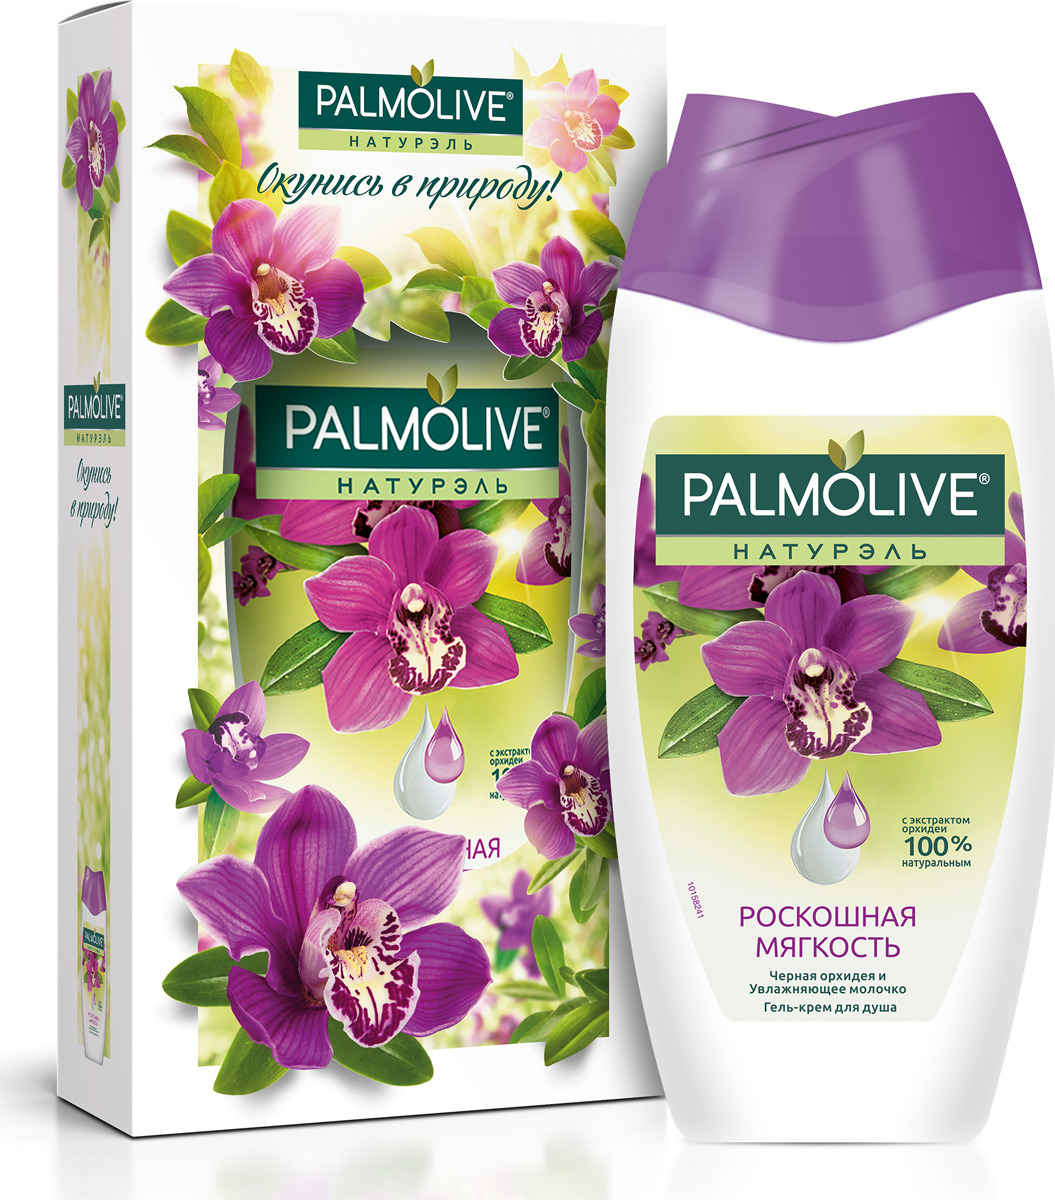 Гель для душа Palmolive Роскошная мягкость. Черная орхидея и увлажняющее молочко, 250 мл водолазка alina assi водолазка